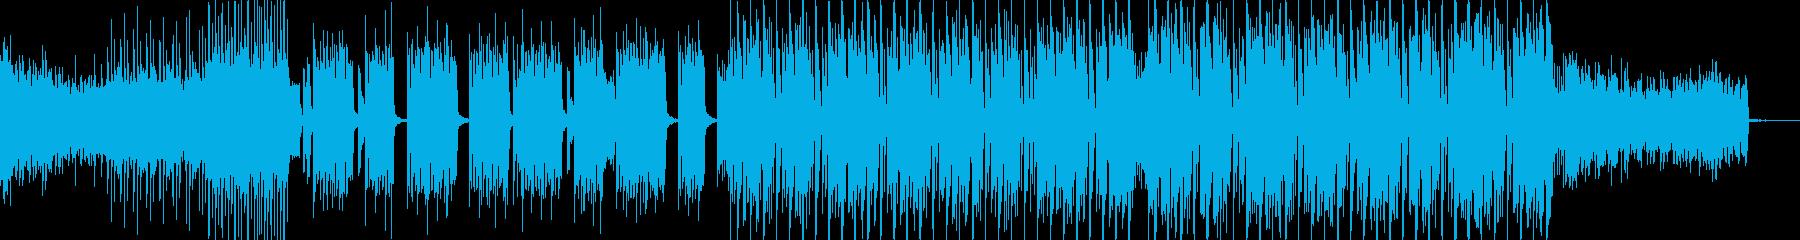 疾走感のあるFuturebass02 の再生済みの波形